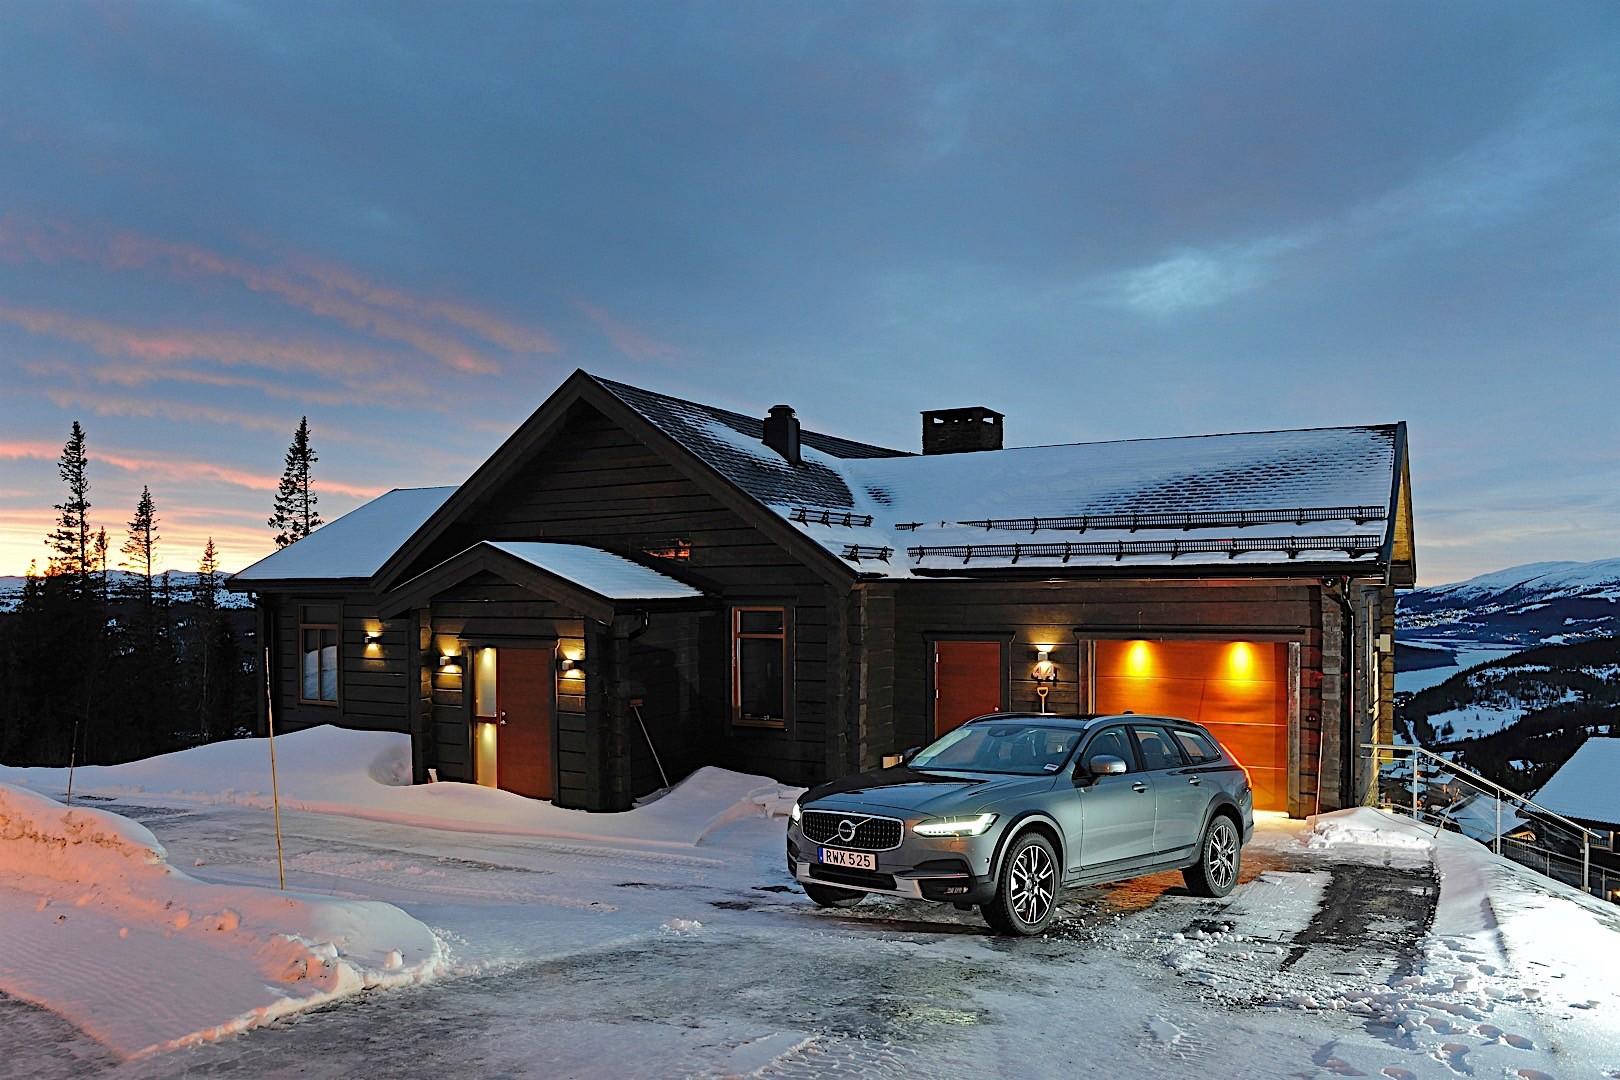 скромно, ауди в снегу у дома красивые картинки второй машины